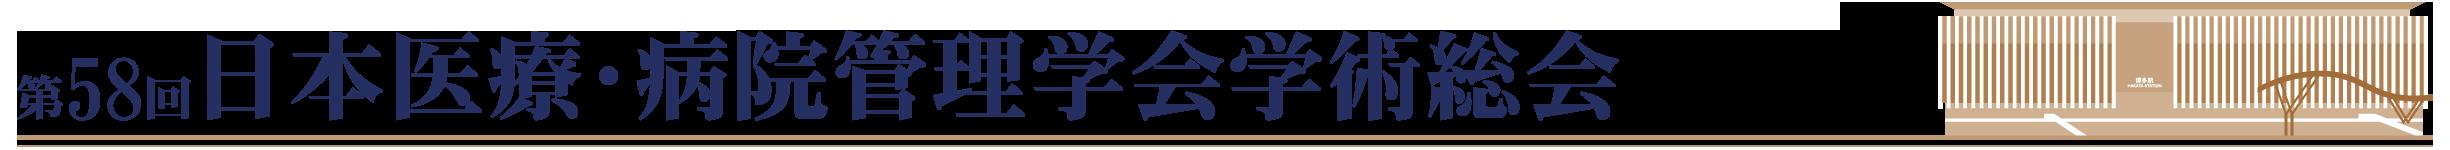 第58回日本医療・病院管理学会学術総会